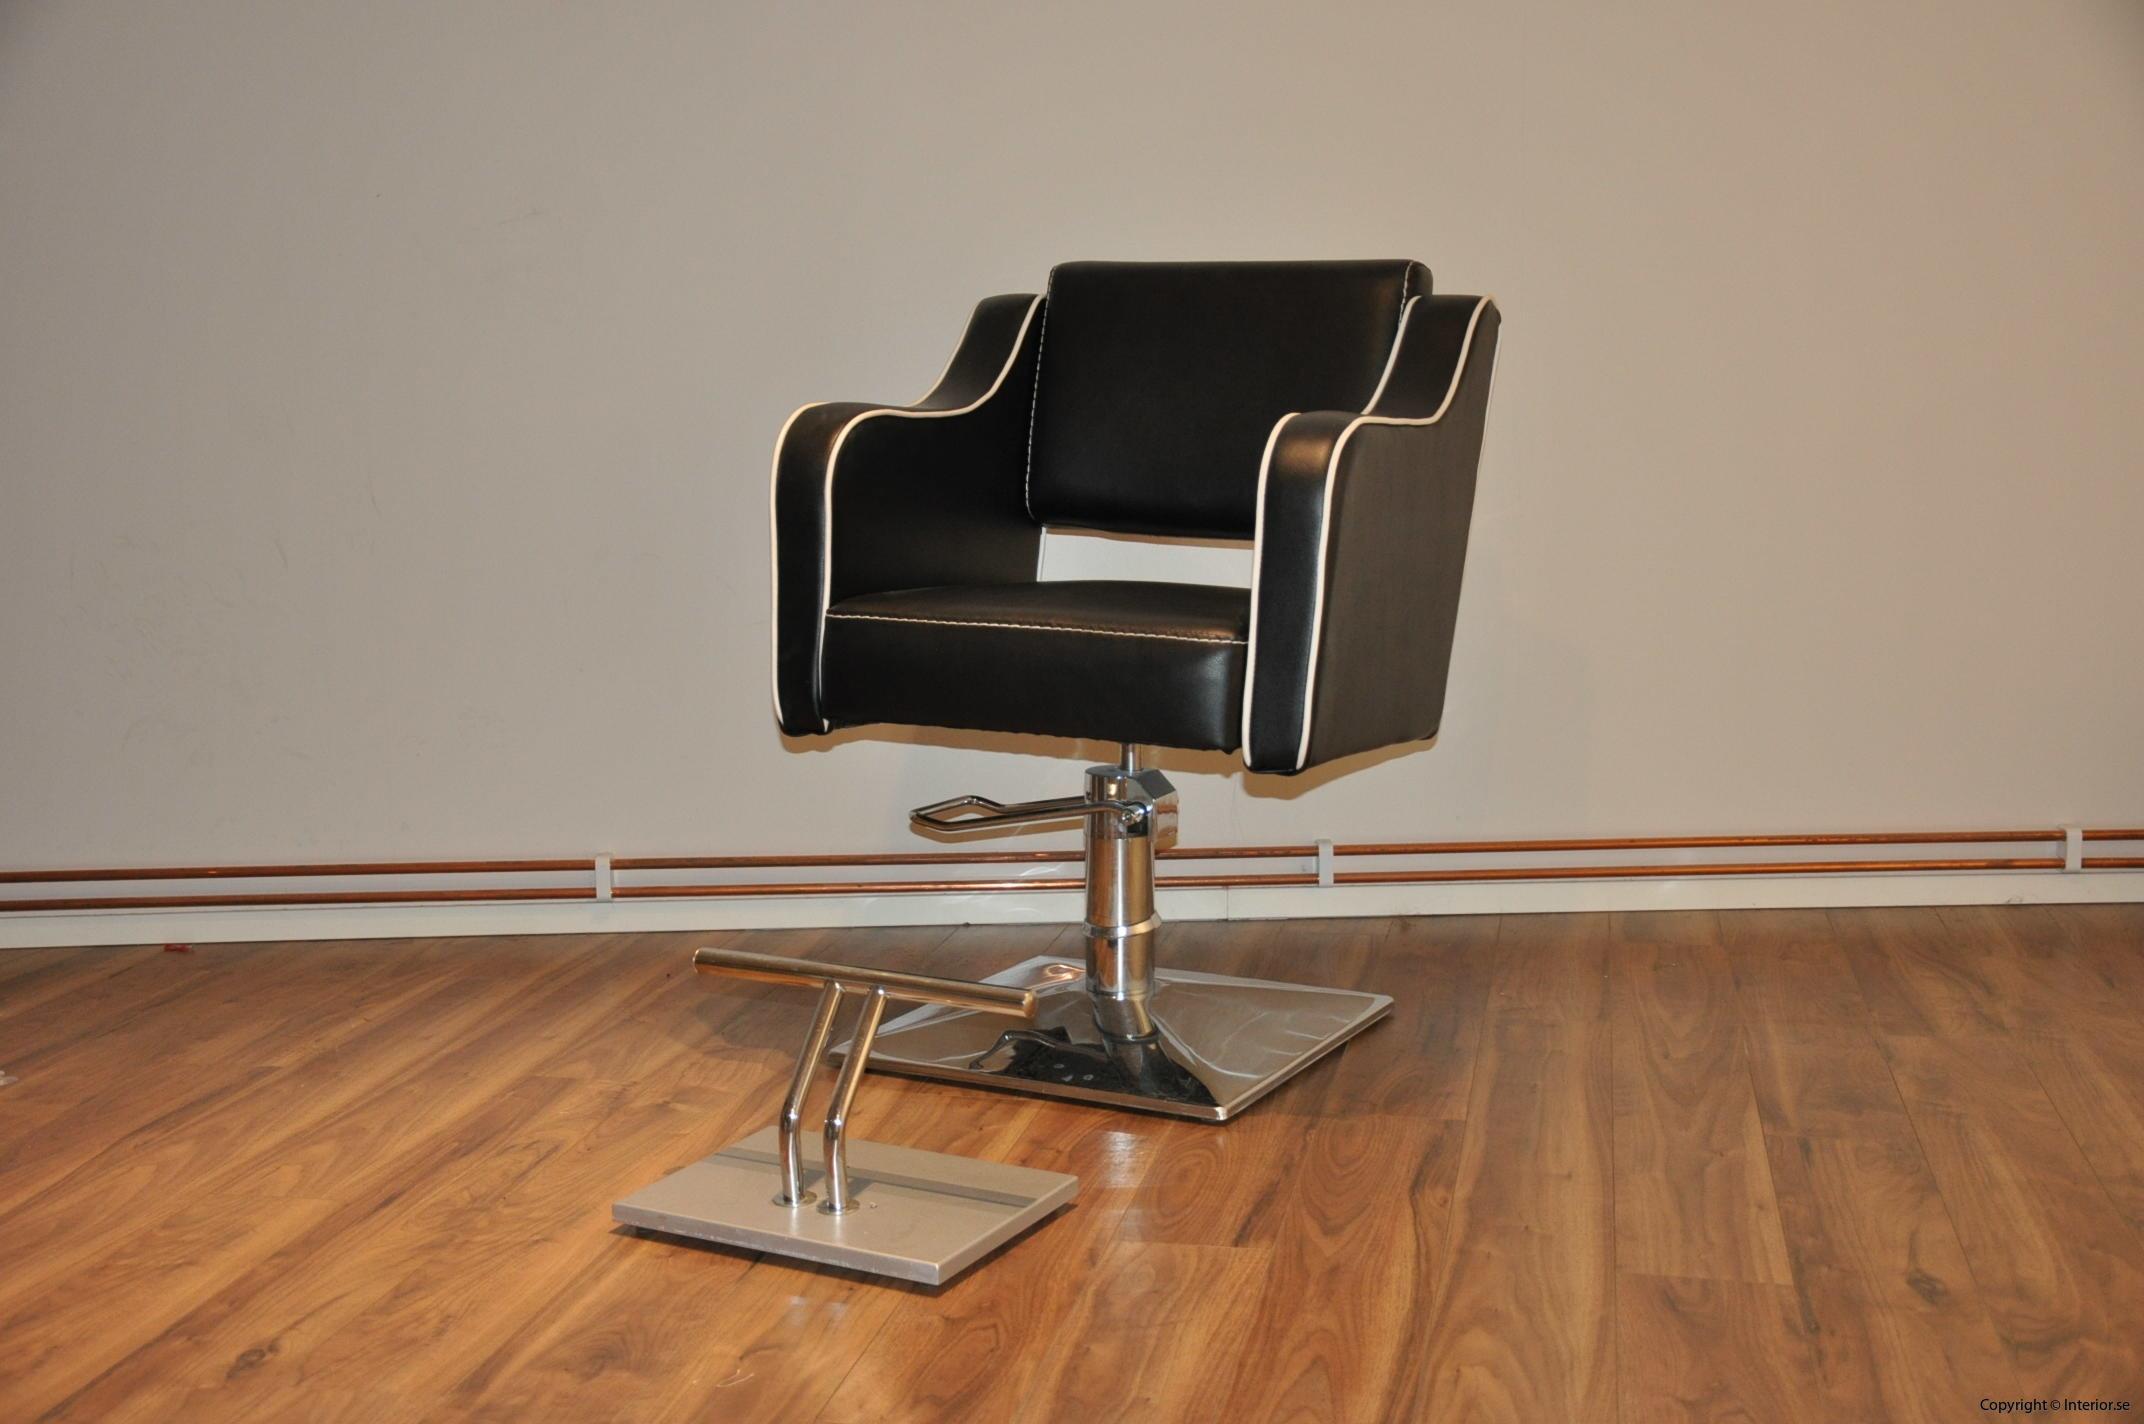 frisörstol friserstol salong stol möbler